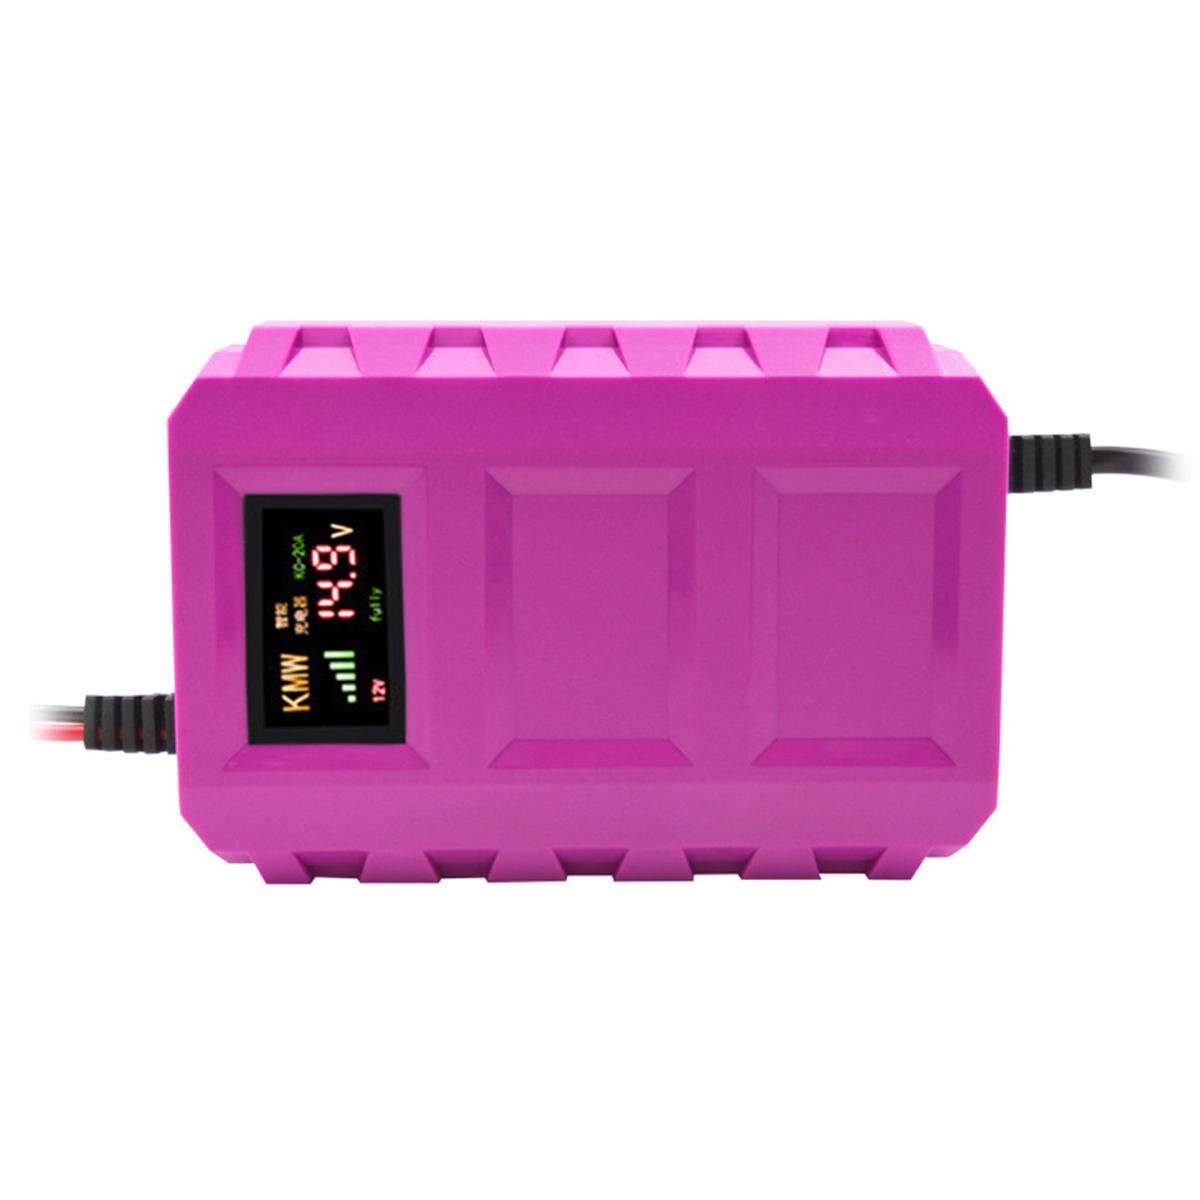 यूएस / ईयू 12 वी पल्स रिपेयर बैटरी चार्जर एलसीडी इंटेलिजेंट ऑटोमोबाइल मोटरसाइकिल कार